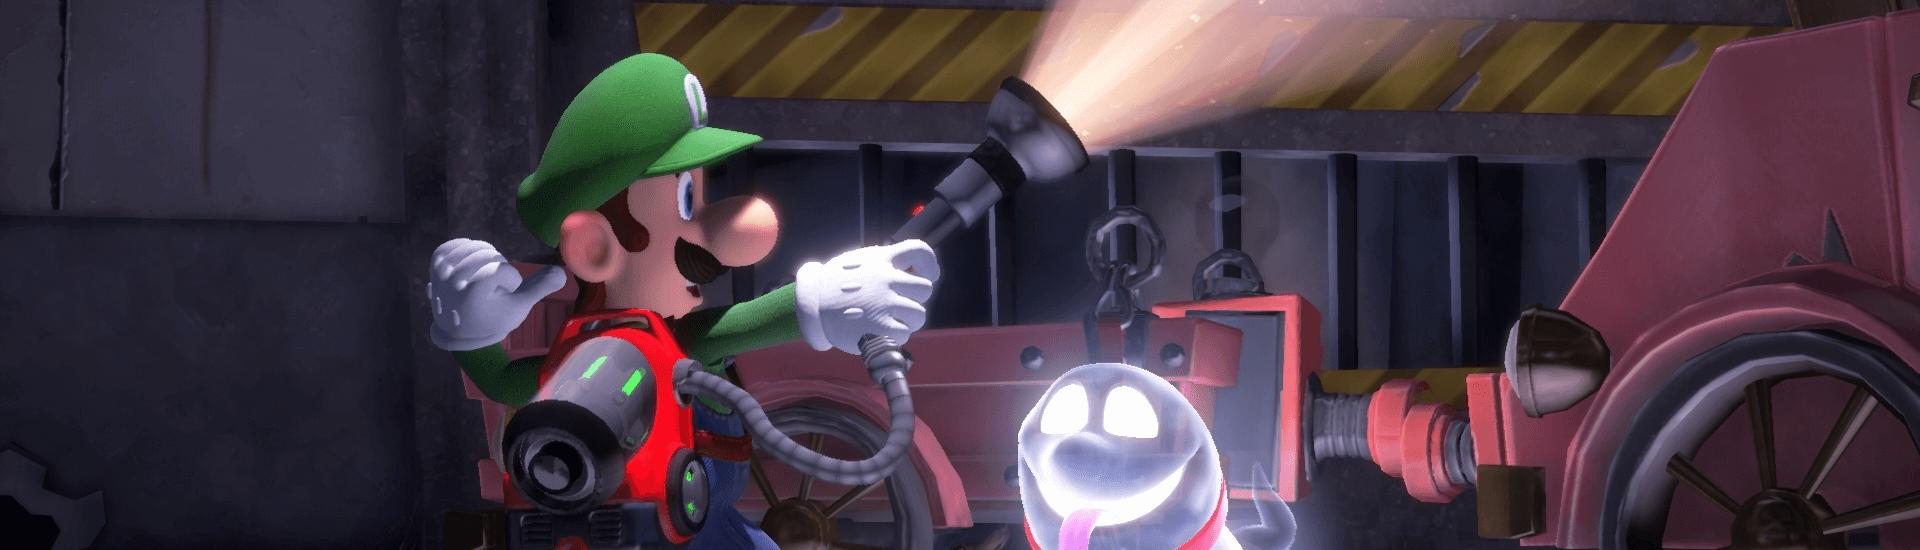 Luigi's Mansion-Entwicklerstudio nun First Party-Entwickler